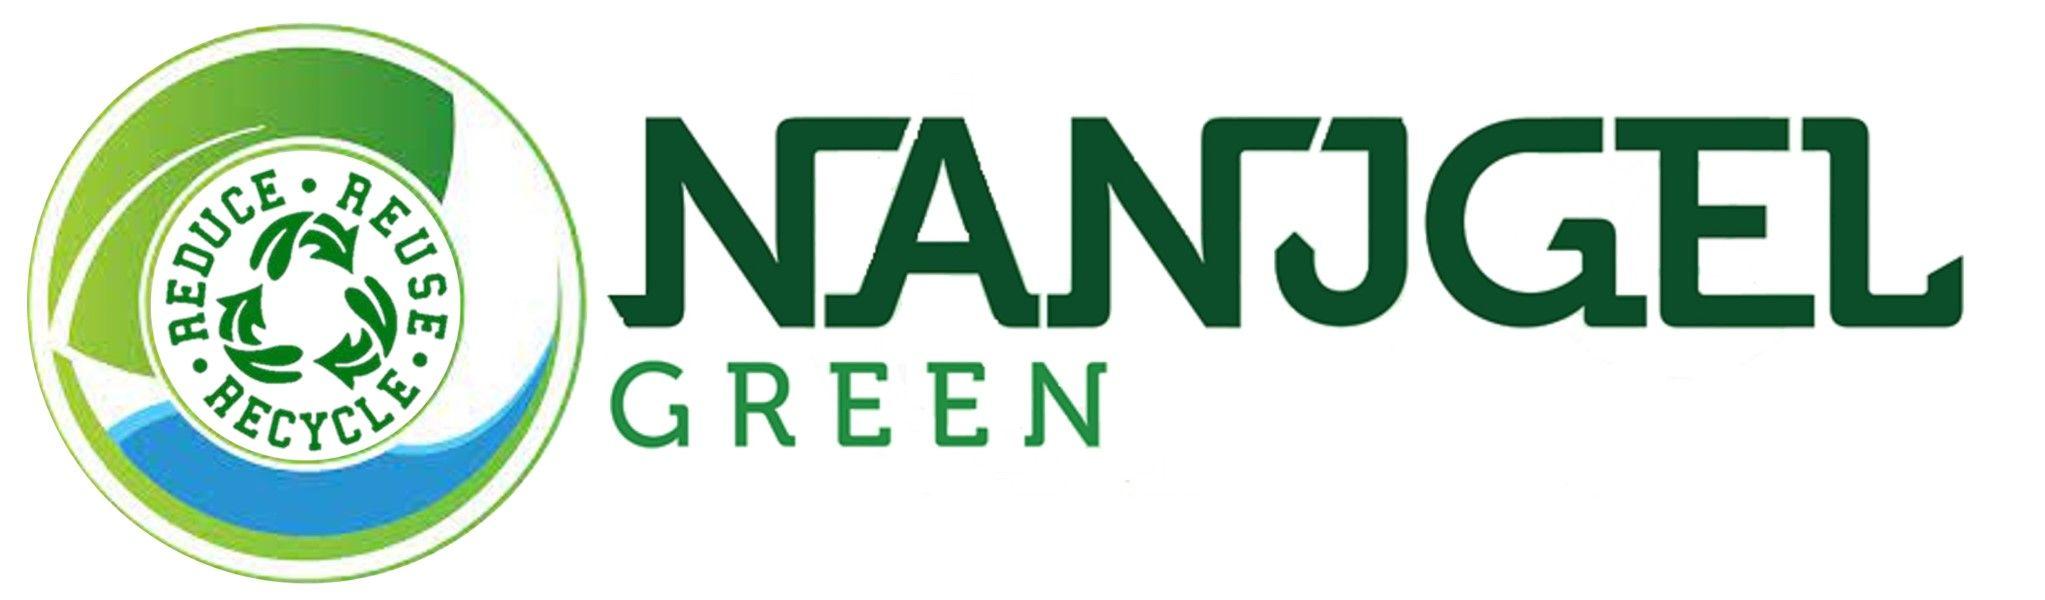 Nanjgel Solutions Ltd